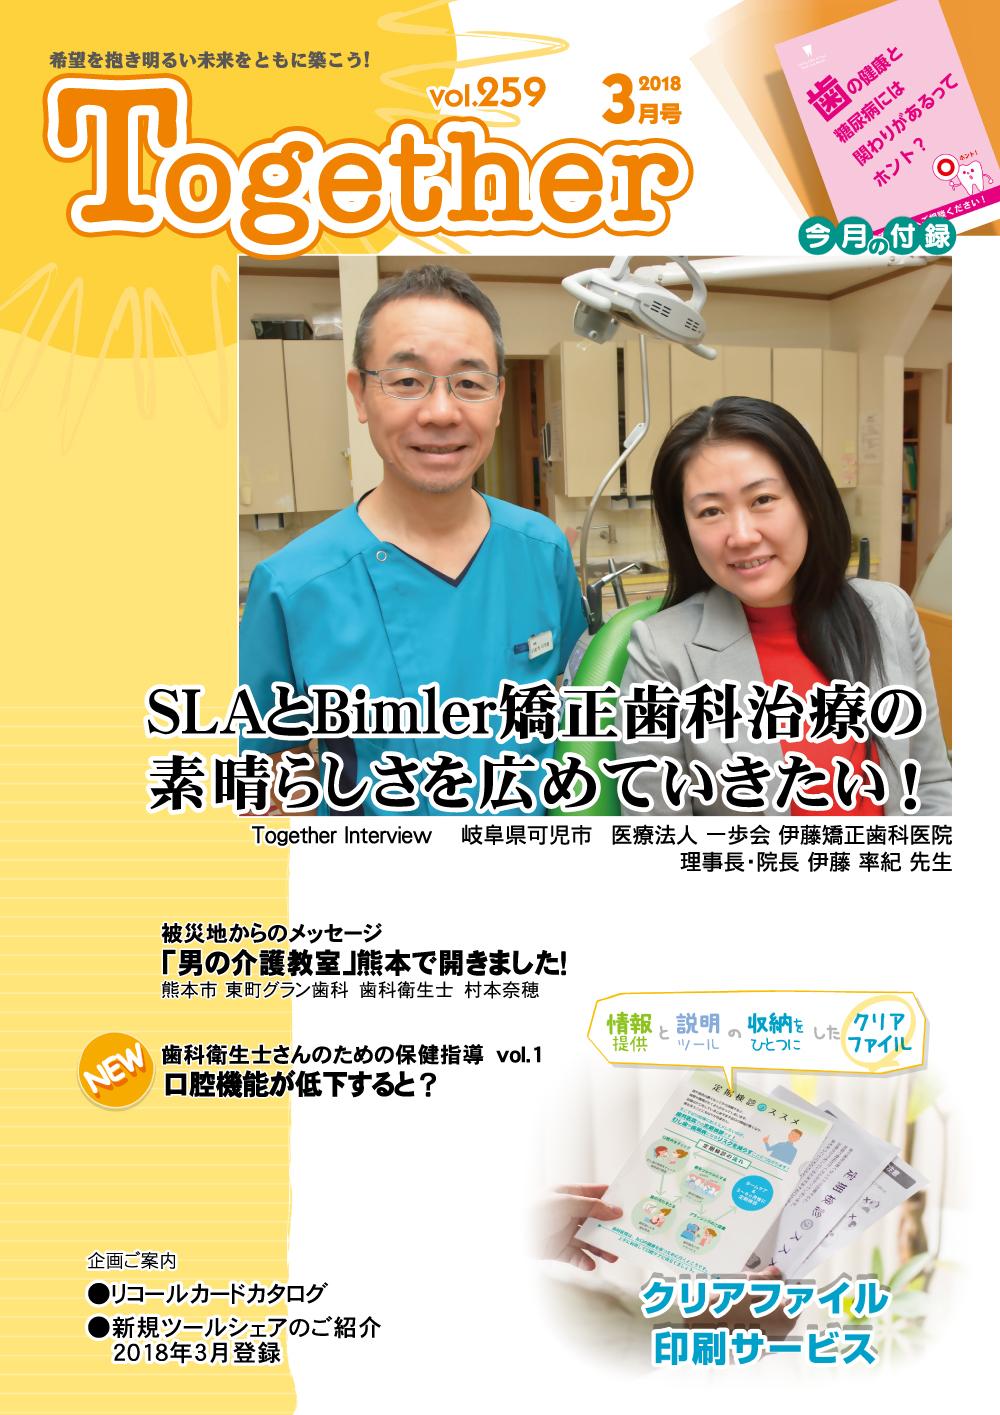 伊藤矯正歯科雑誌掲載ページ